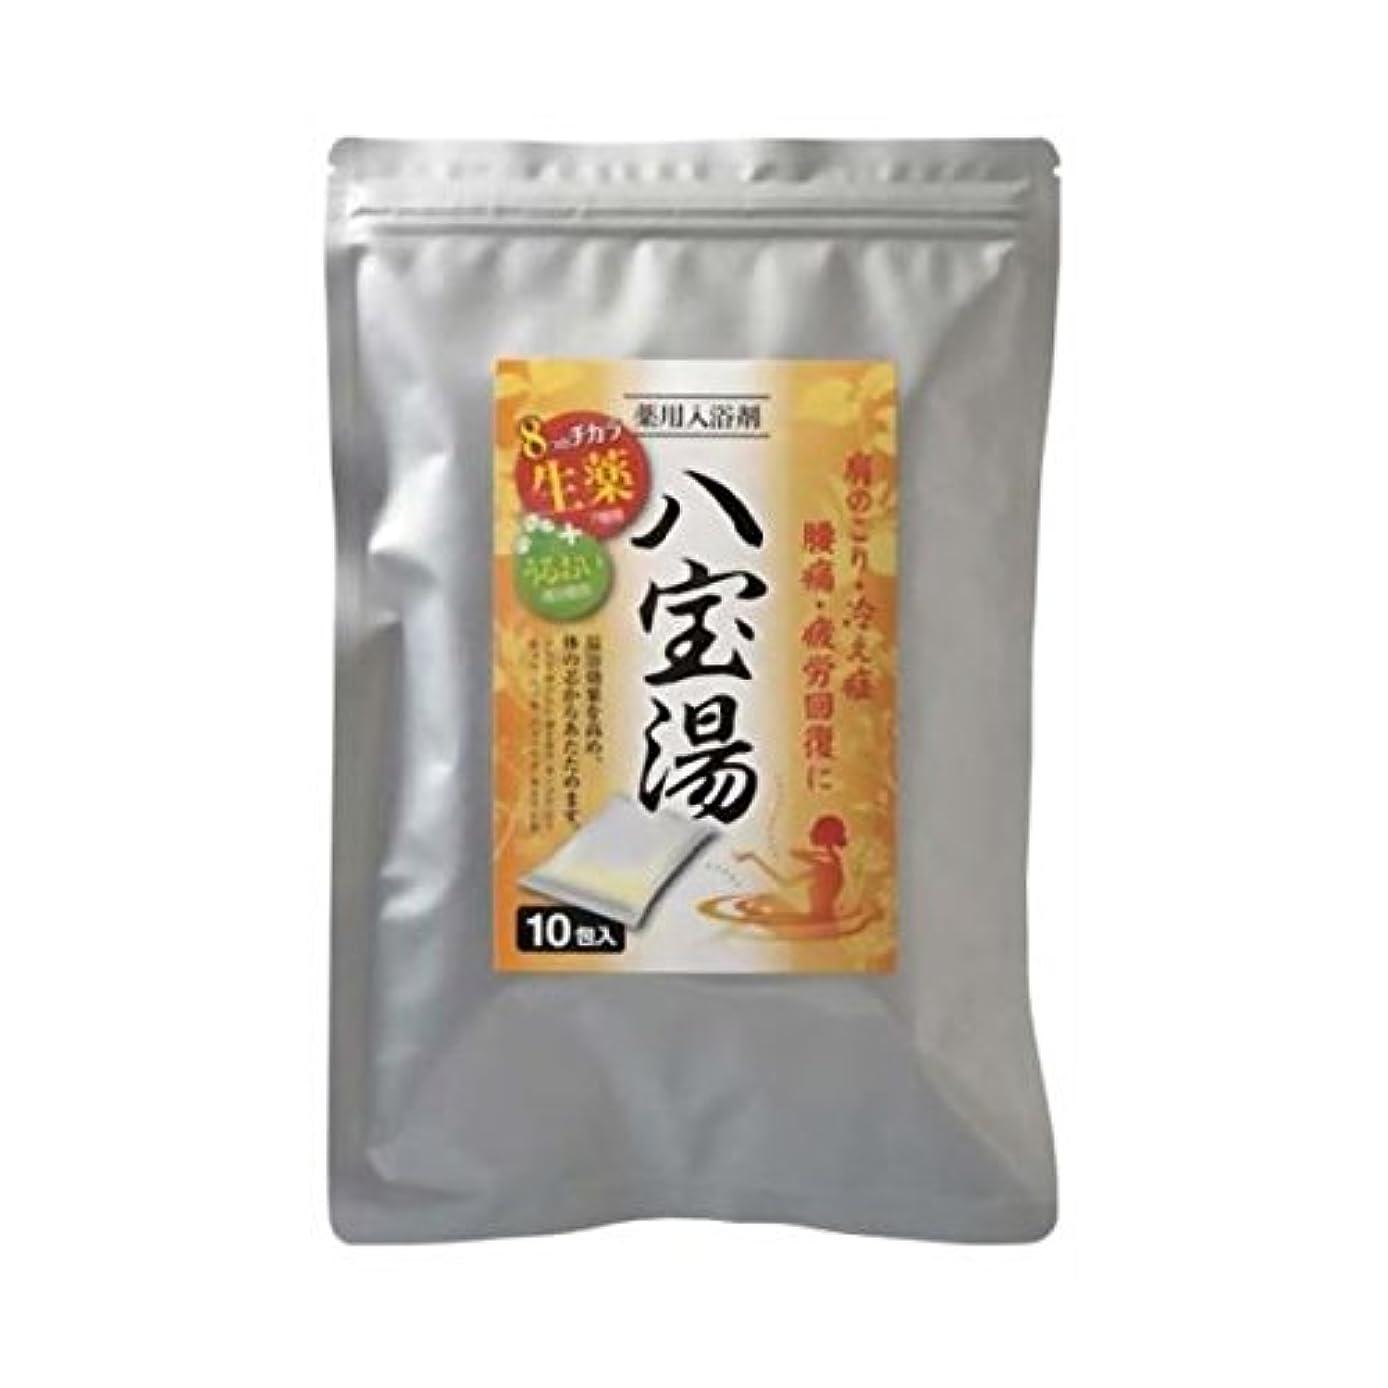 代わりにを立てる緯度文字通り【お徳用 3 セット】 薬用入浴剤 八宝湯 カモミールの香り 10包×3セット